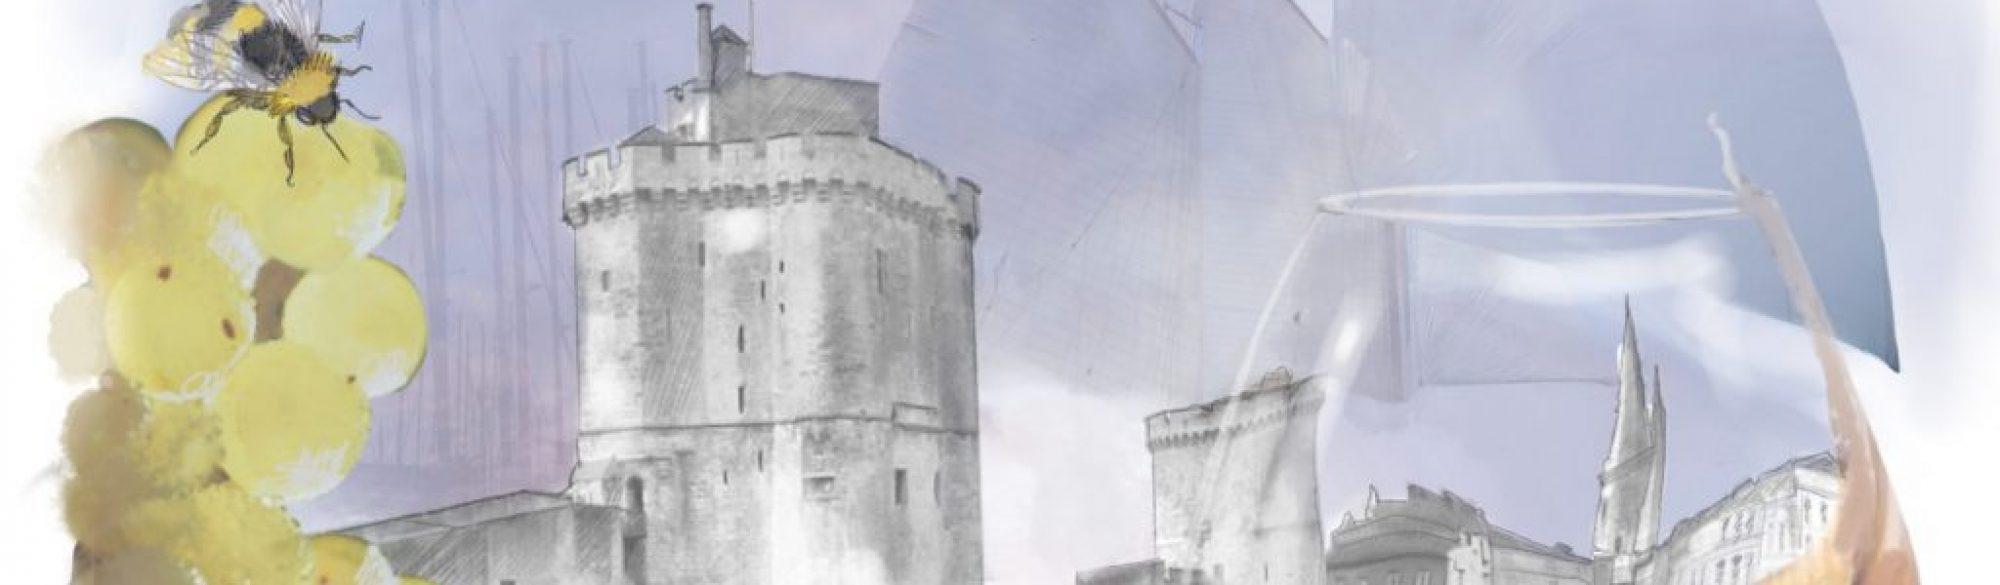 Ecoutez mon podcast voyage en Charente Maritime